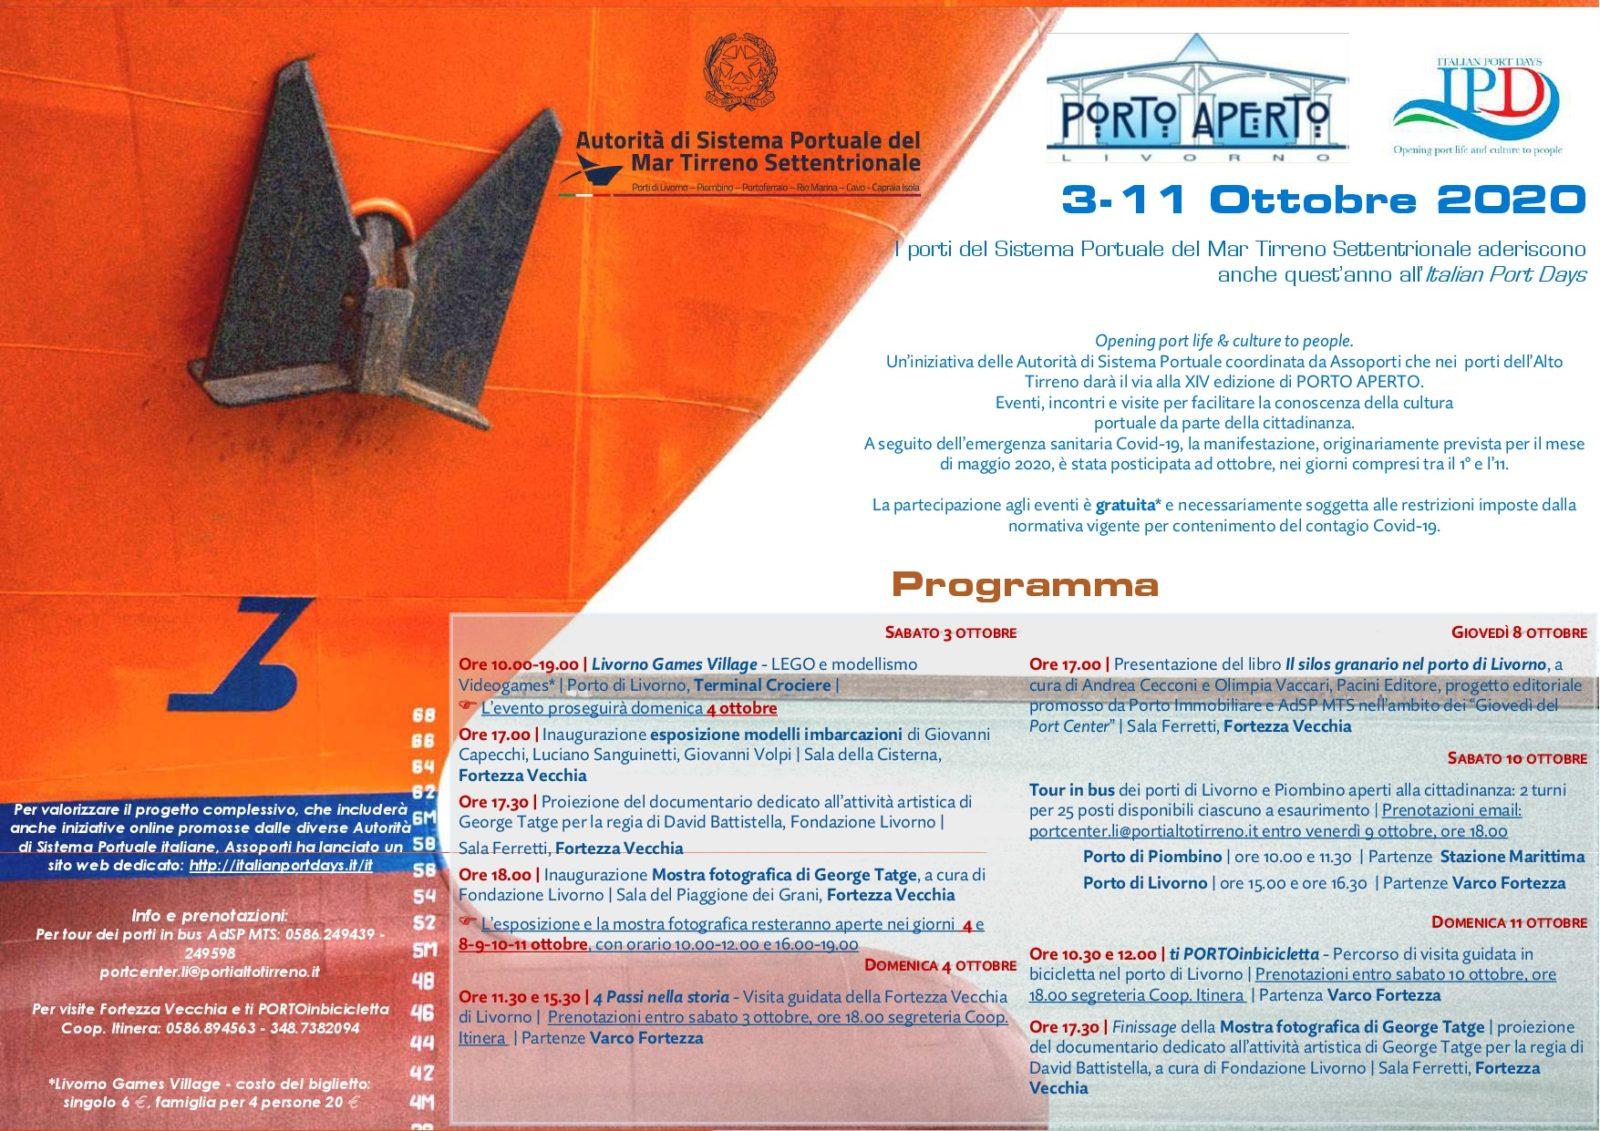 IPD programma ottobre 2020jpeg